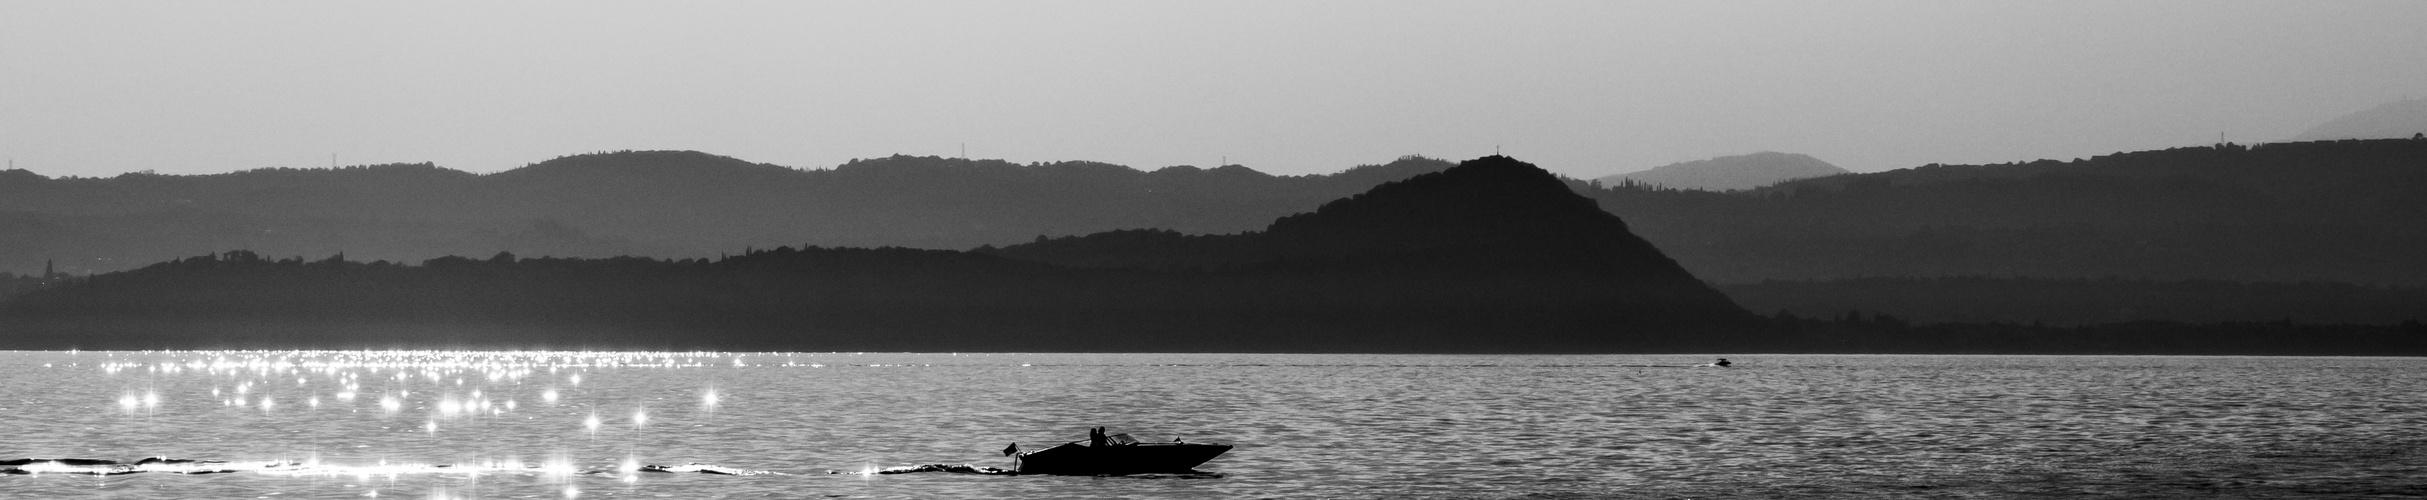 Gardasee schwarz-weiß #13